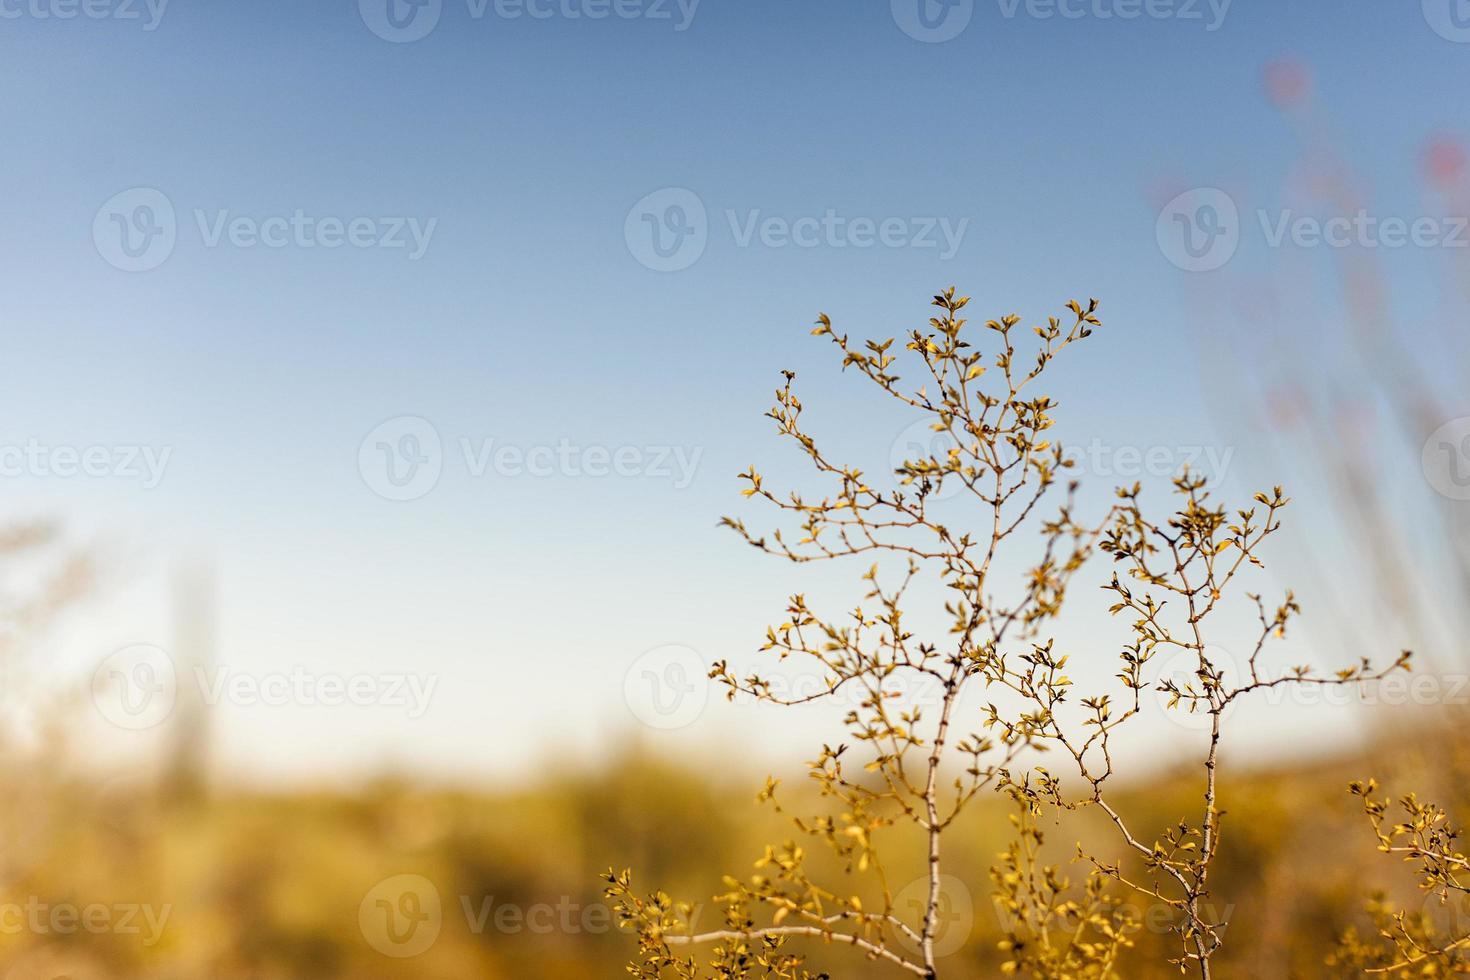 il deserto riscalda foto